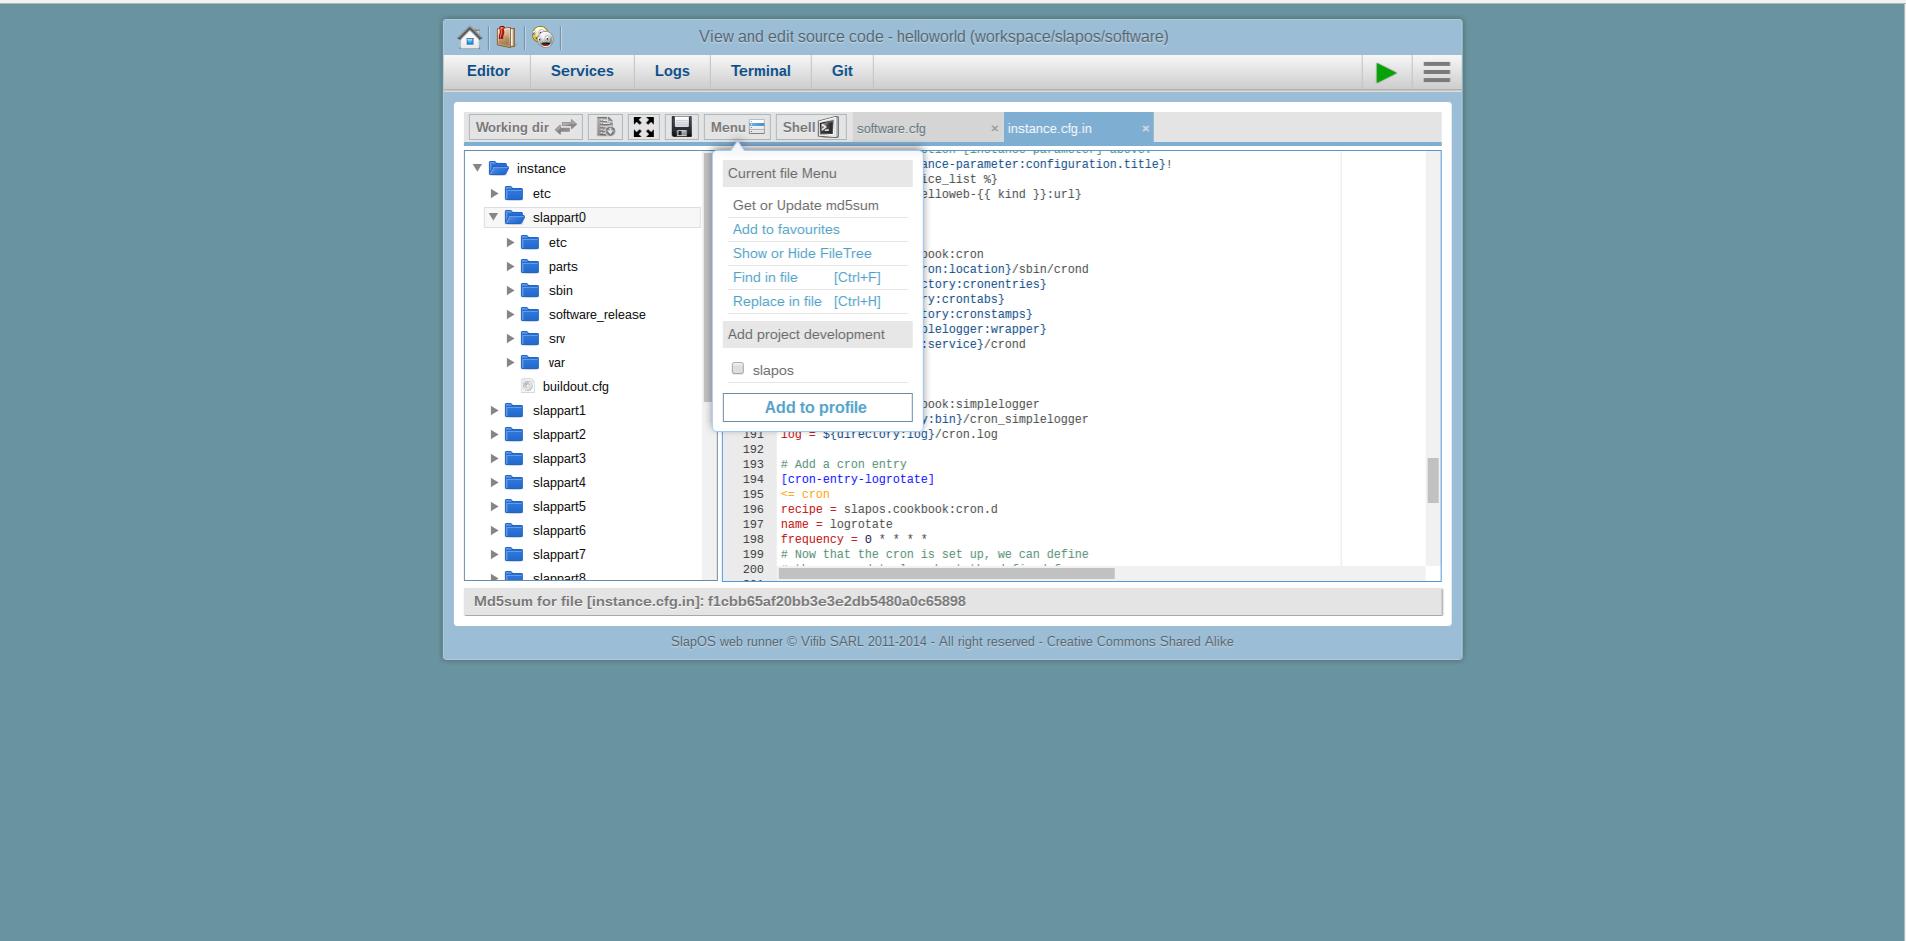 Extending Software Release - Webrunner Interface - Update MD5 Sum